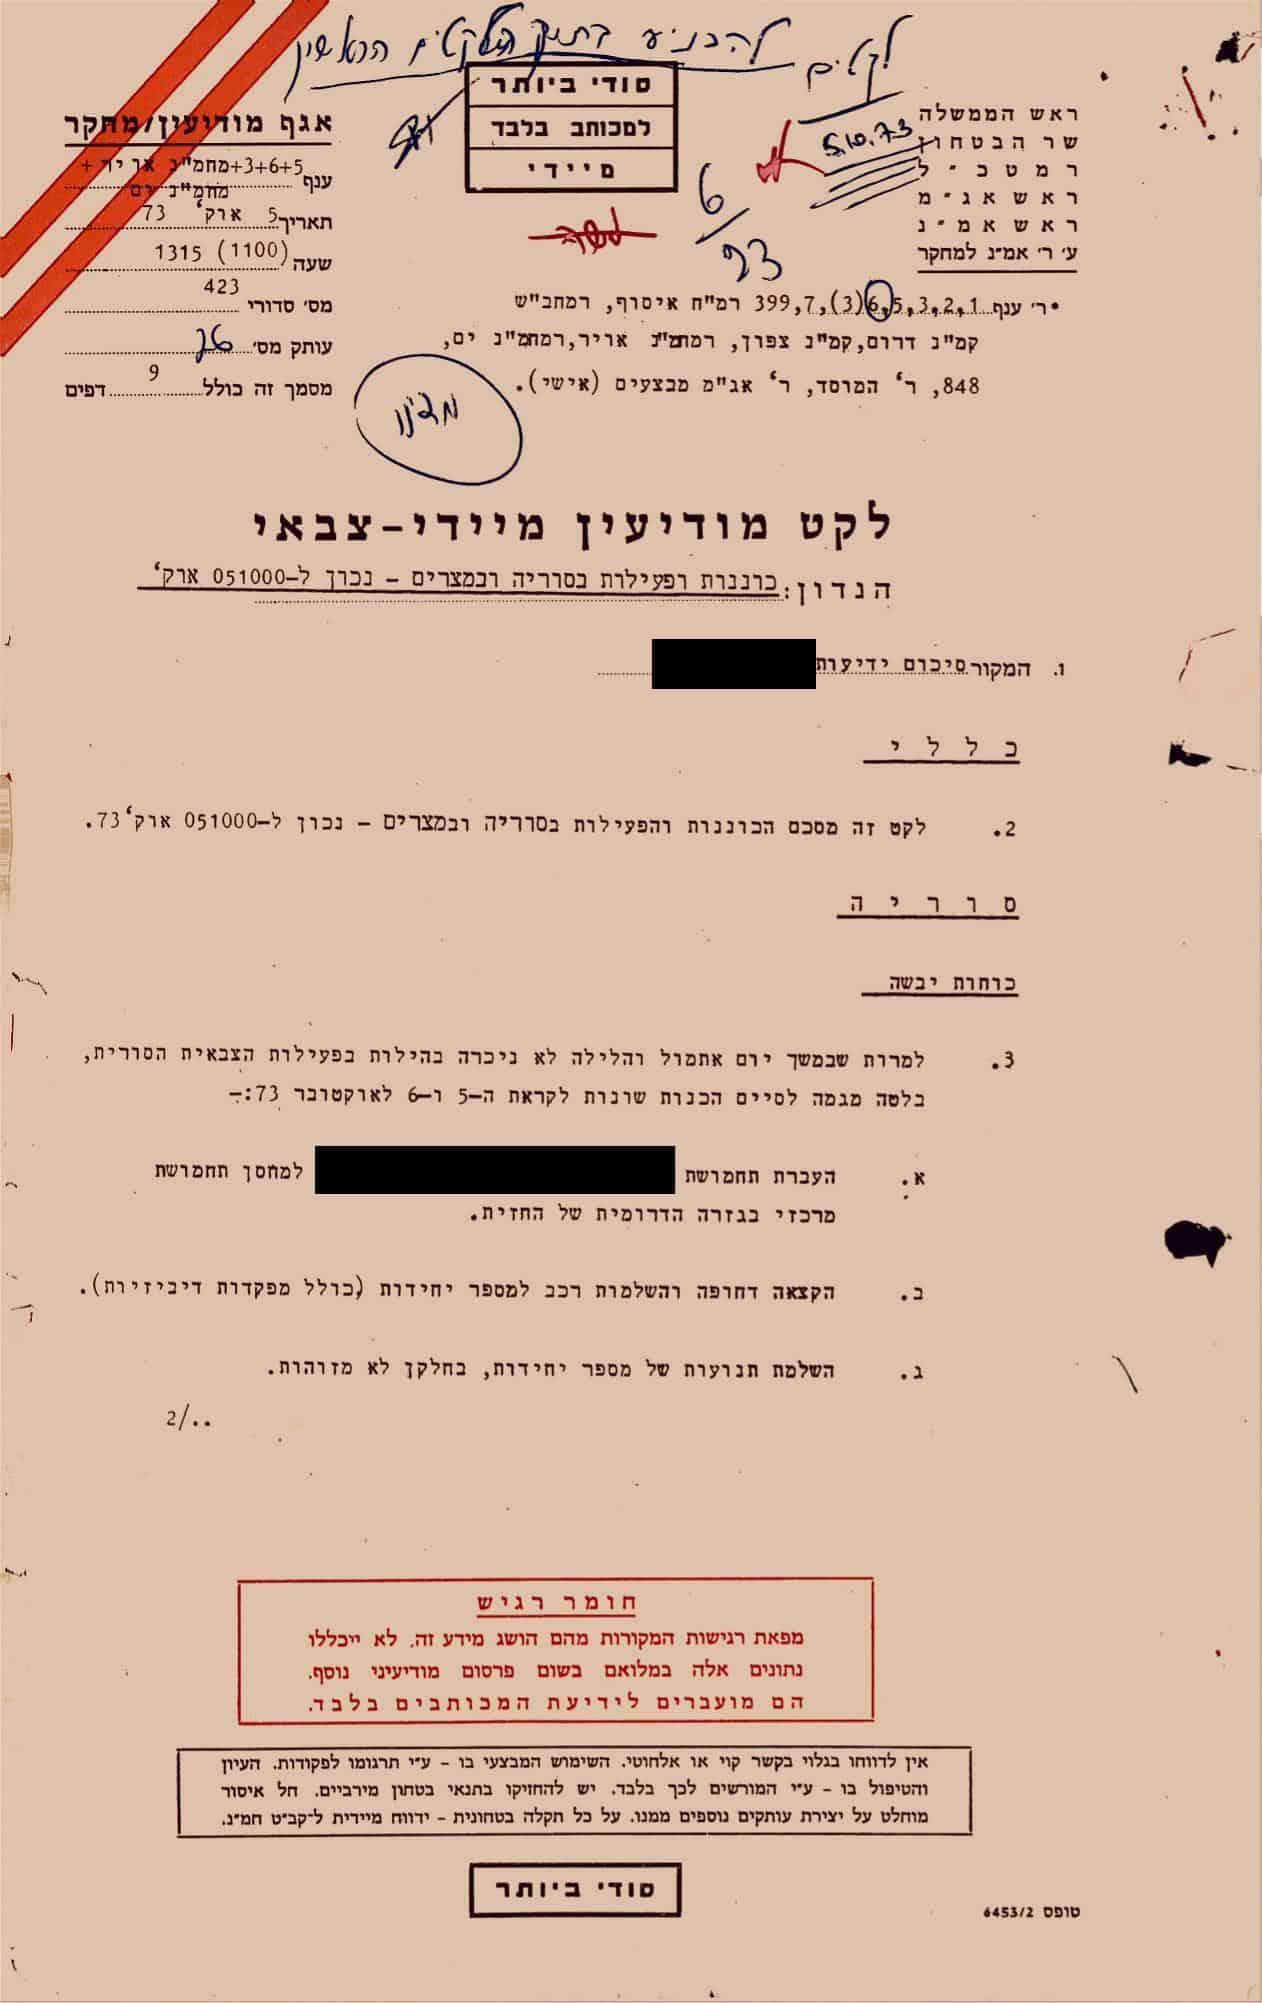 """העמוד הראשון של דוח המודיעין שניתן לרמטכ""""ל ולשר הביטחון יום לפני פריצתה של מלחמת יום כיפור, ב-5 באוקטובר 1973 (צילום: ארכיון משרד הביטחון)"""